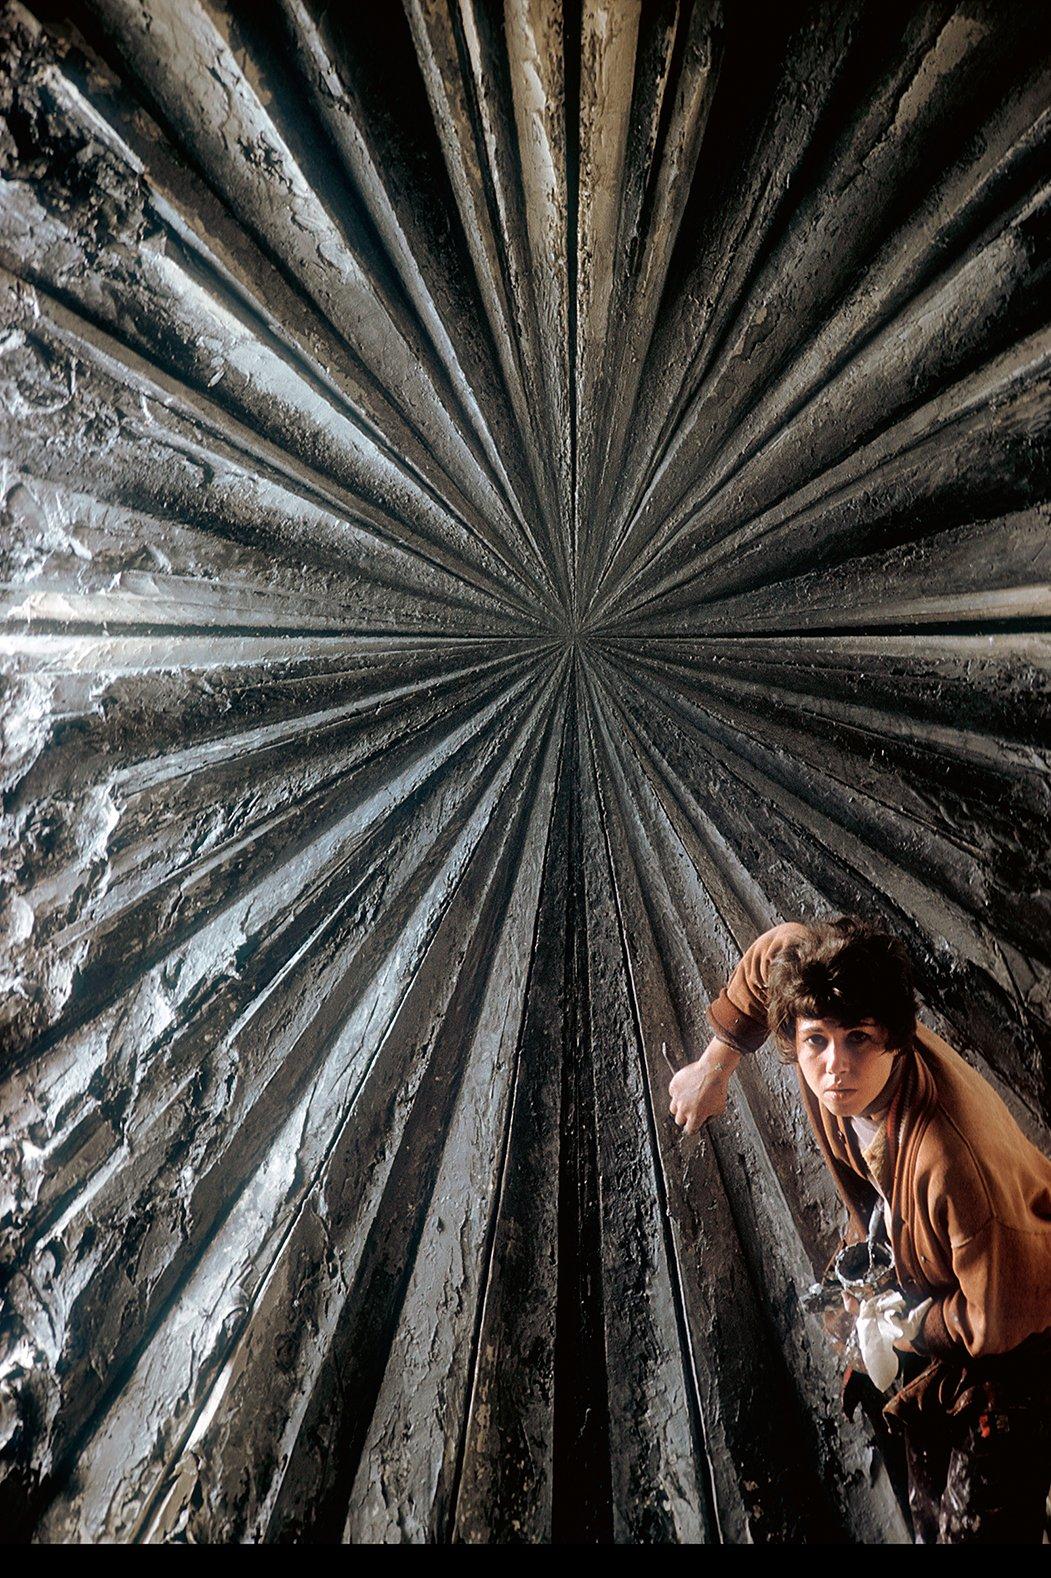 Η εικαστικός Τζέι ντε Φέο φωτογραφισμένη από τον Μπέρτ Μπλιν στο στούντιο της στο Σαν Φρανσίσκο. Η ντε Φέο, που έγινε γνωστή ως εκπρόσωπος της γενιάς των Μπιτ, ποζάρει δίπλα στο έργο της «Το τριαντάφυλλο», το οποίο της πήρε δύο χρόνια για να το τελειώσει